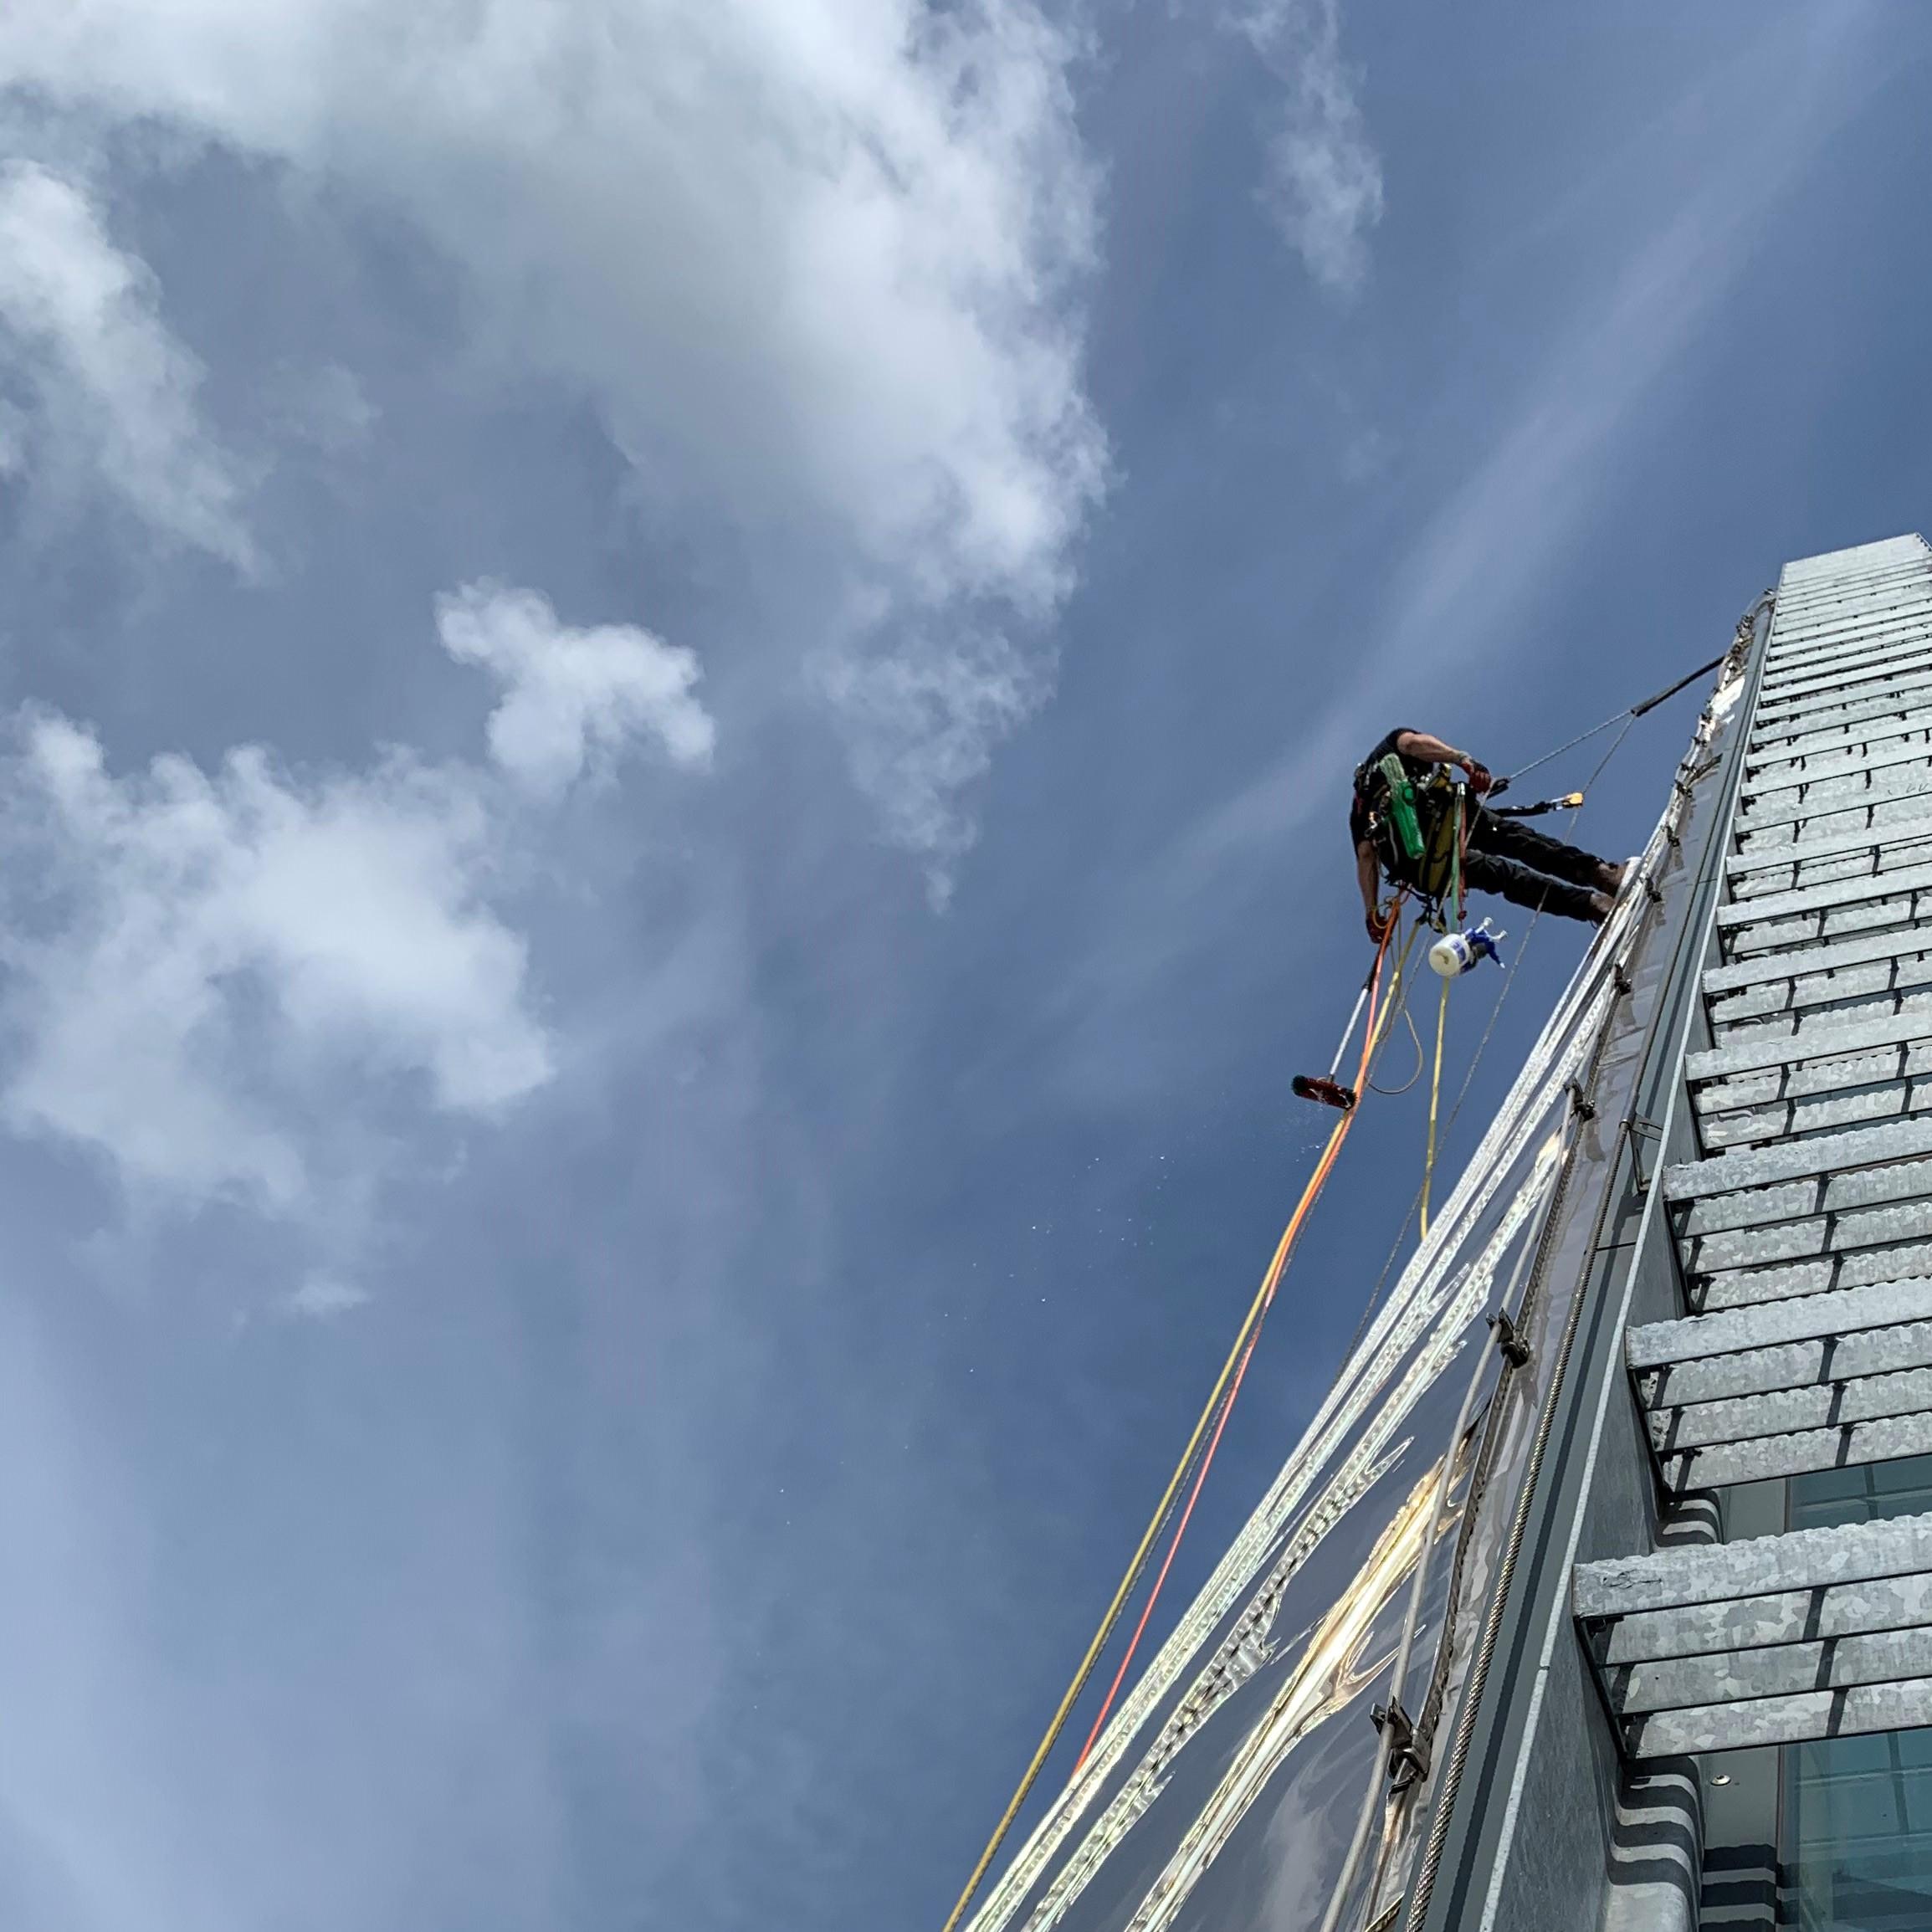 Rope Access specialistisch reinigen - HWS - High Work Solutions